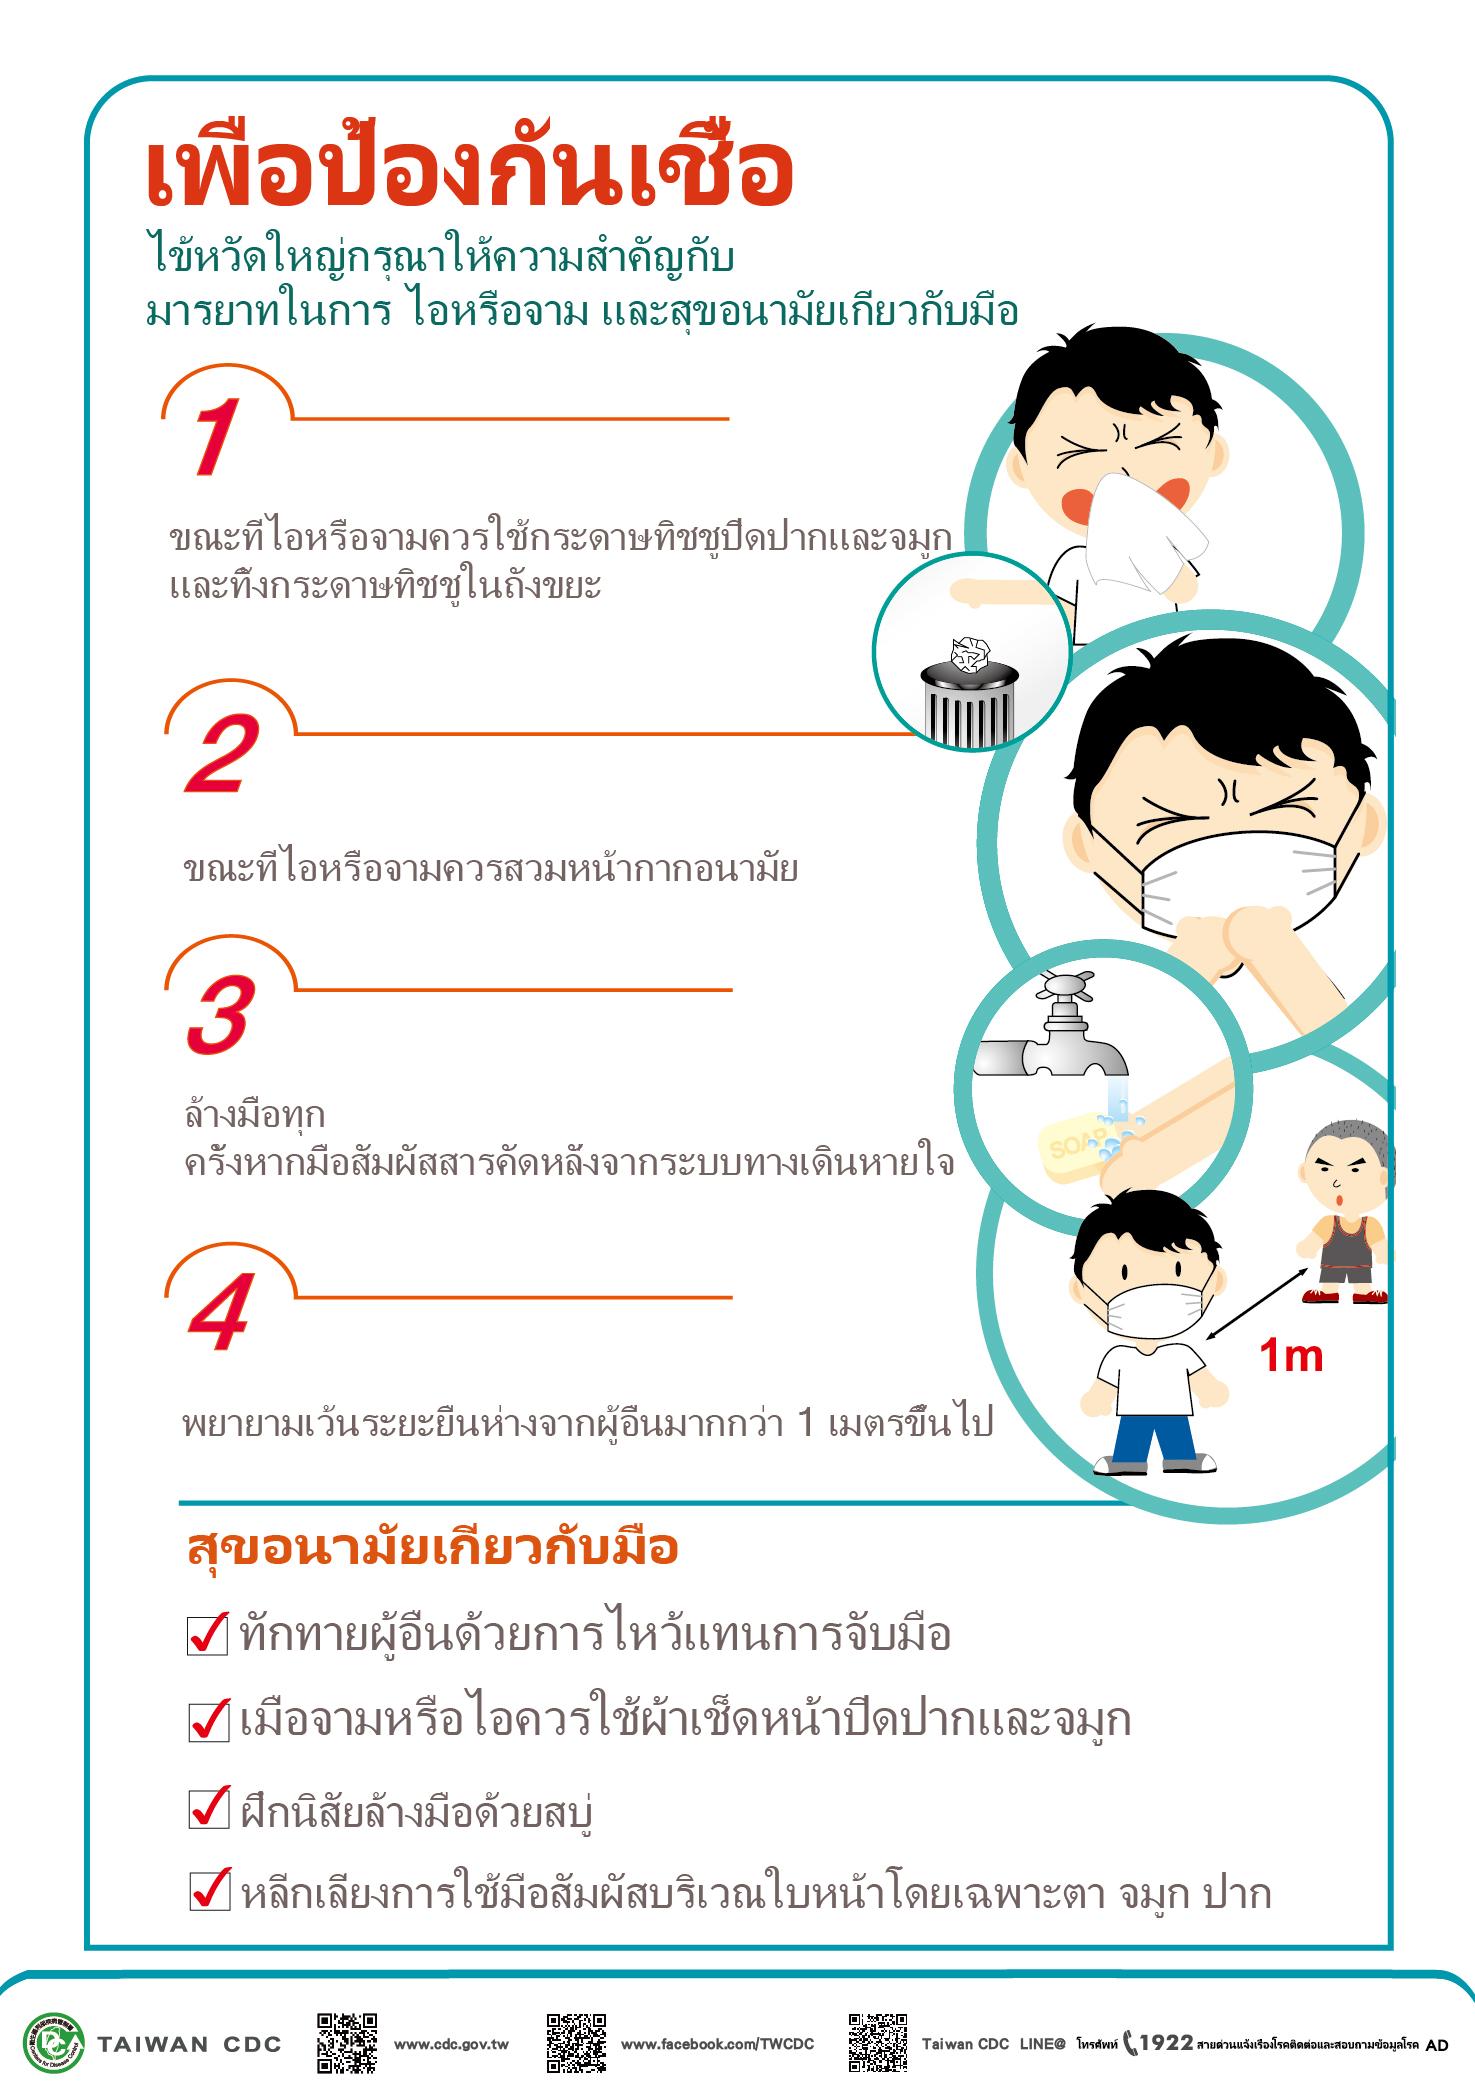 詳如附件【คลิก】วิธีการป้องกันไข้หวัดใหญ่流感預防(泰文)